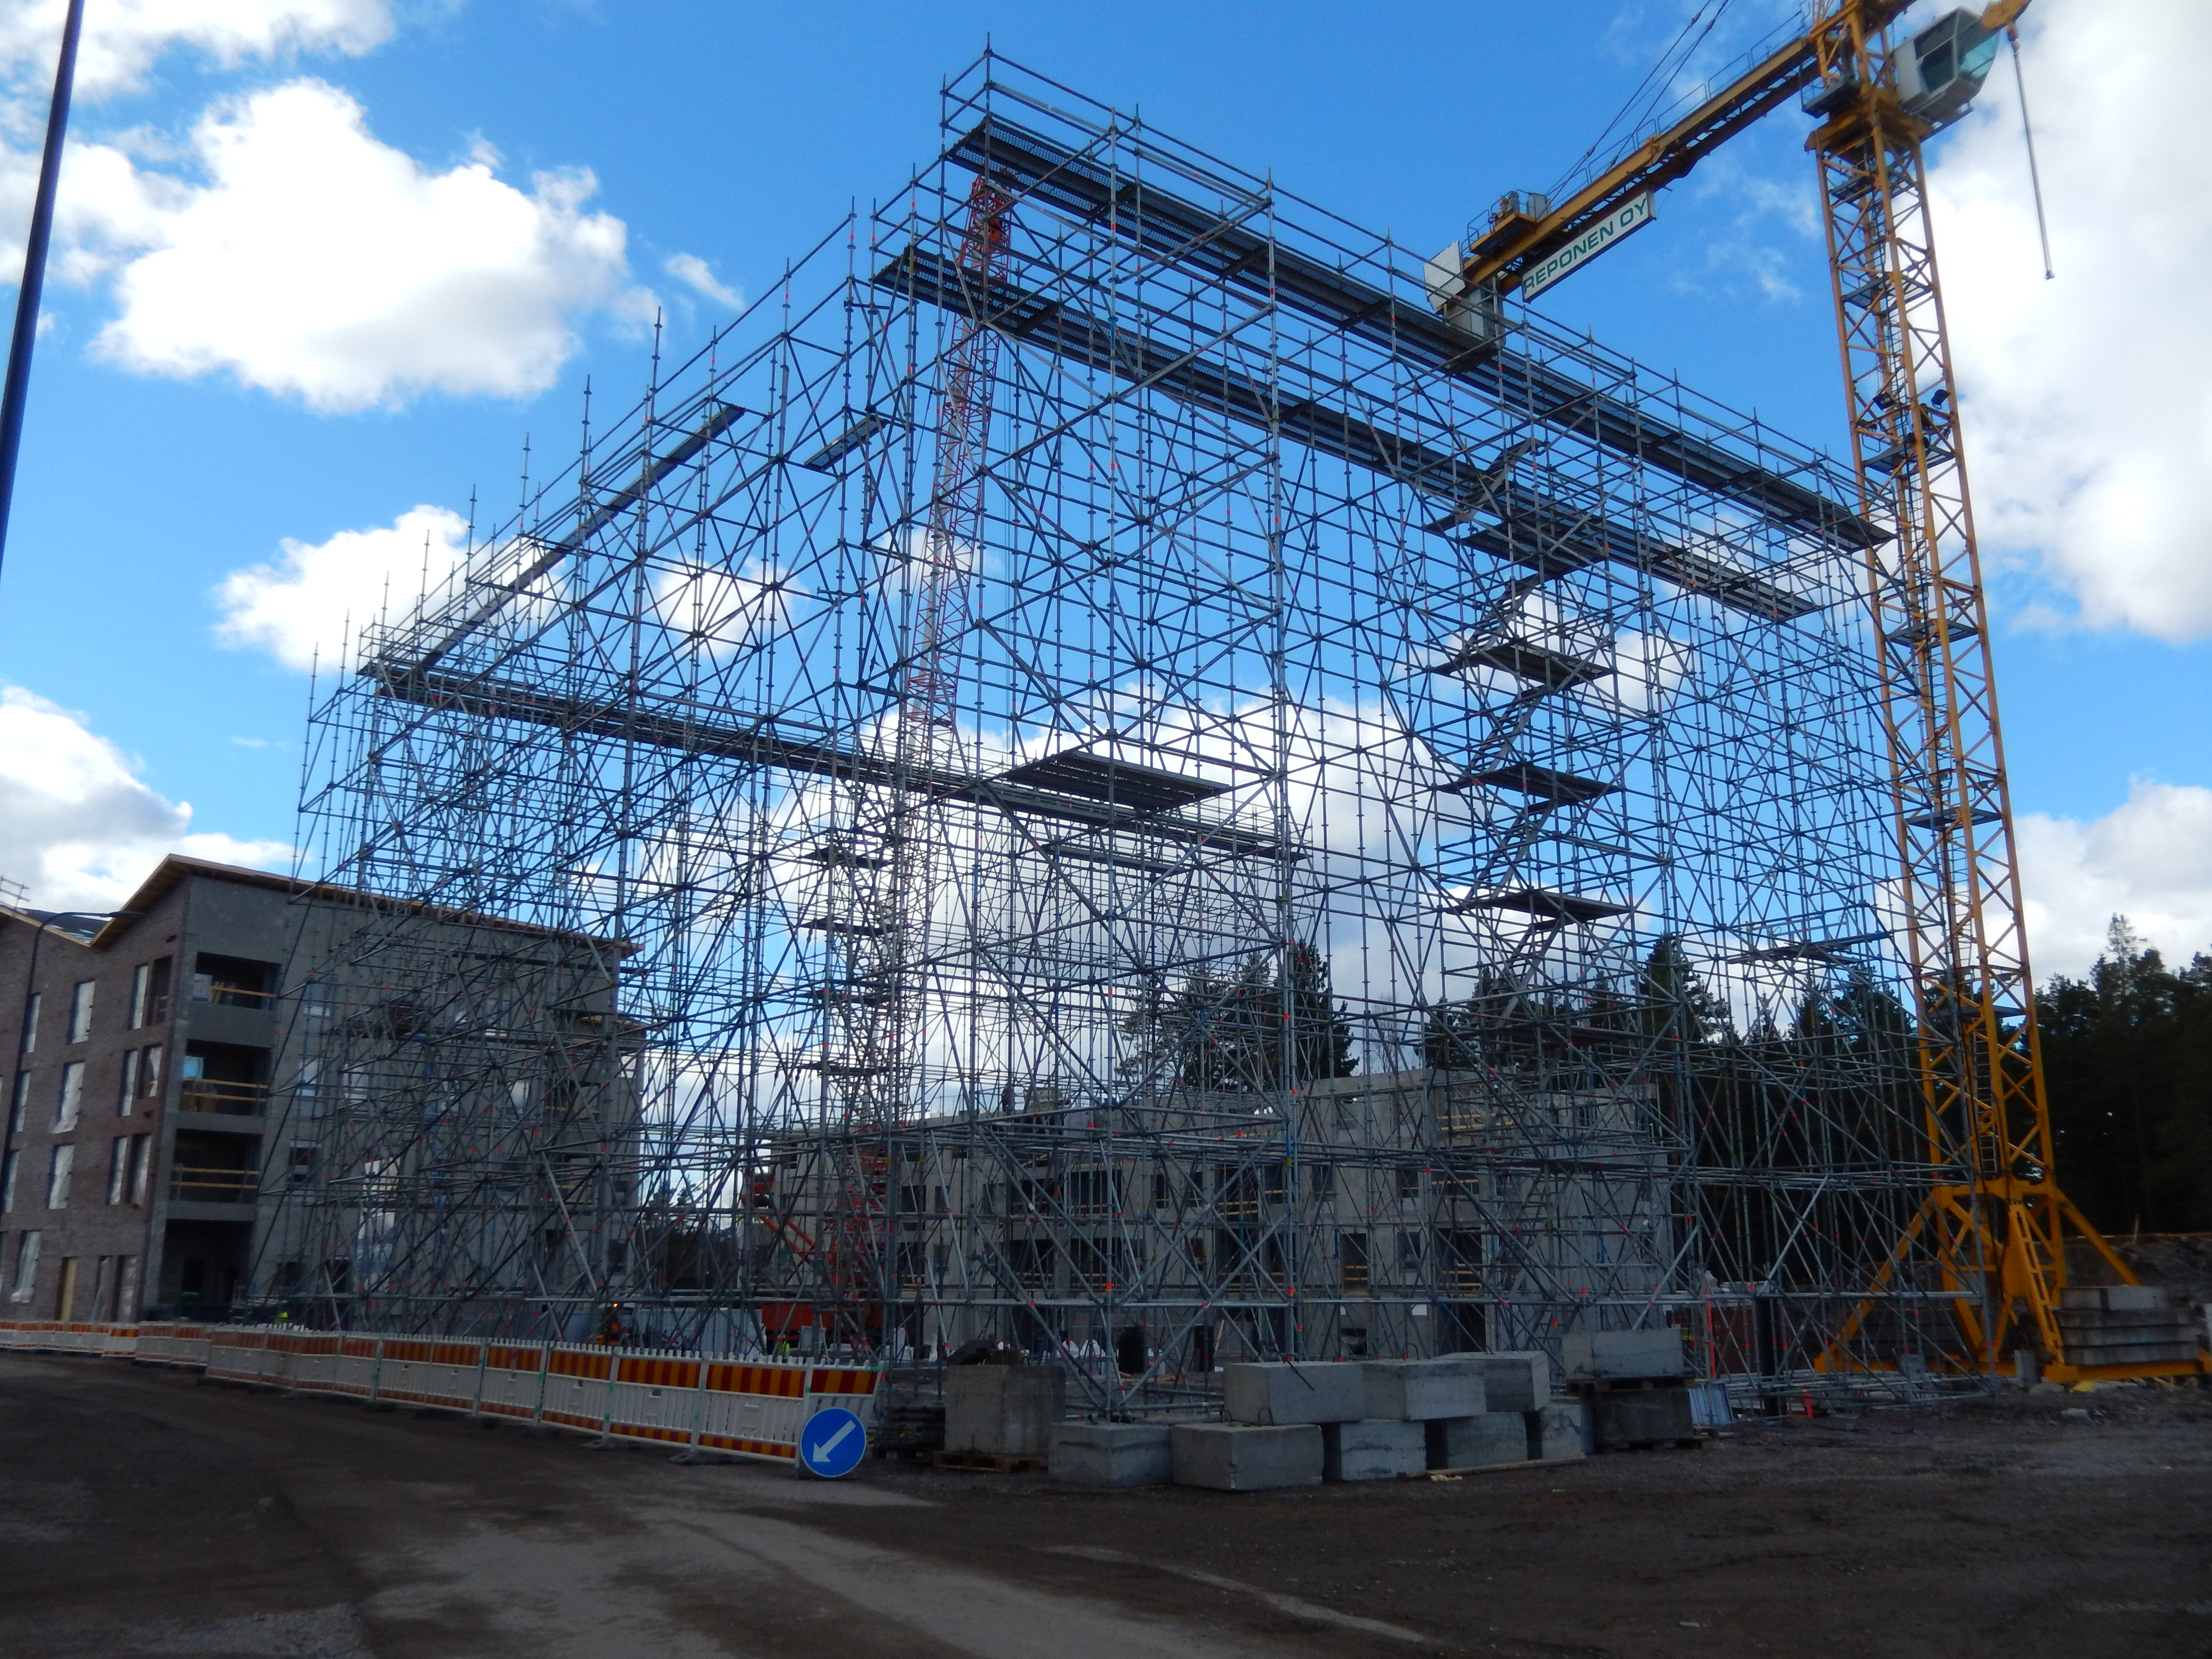 Rakentamisen digitalisaatiota edistäviin KIRA-digihankkeisiin on suunnattu jo lähes kaksi miljoonaa euroa. (Kuva: Markku Vento)